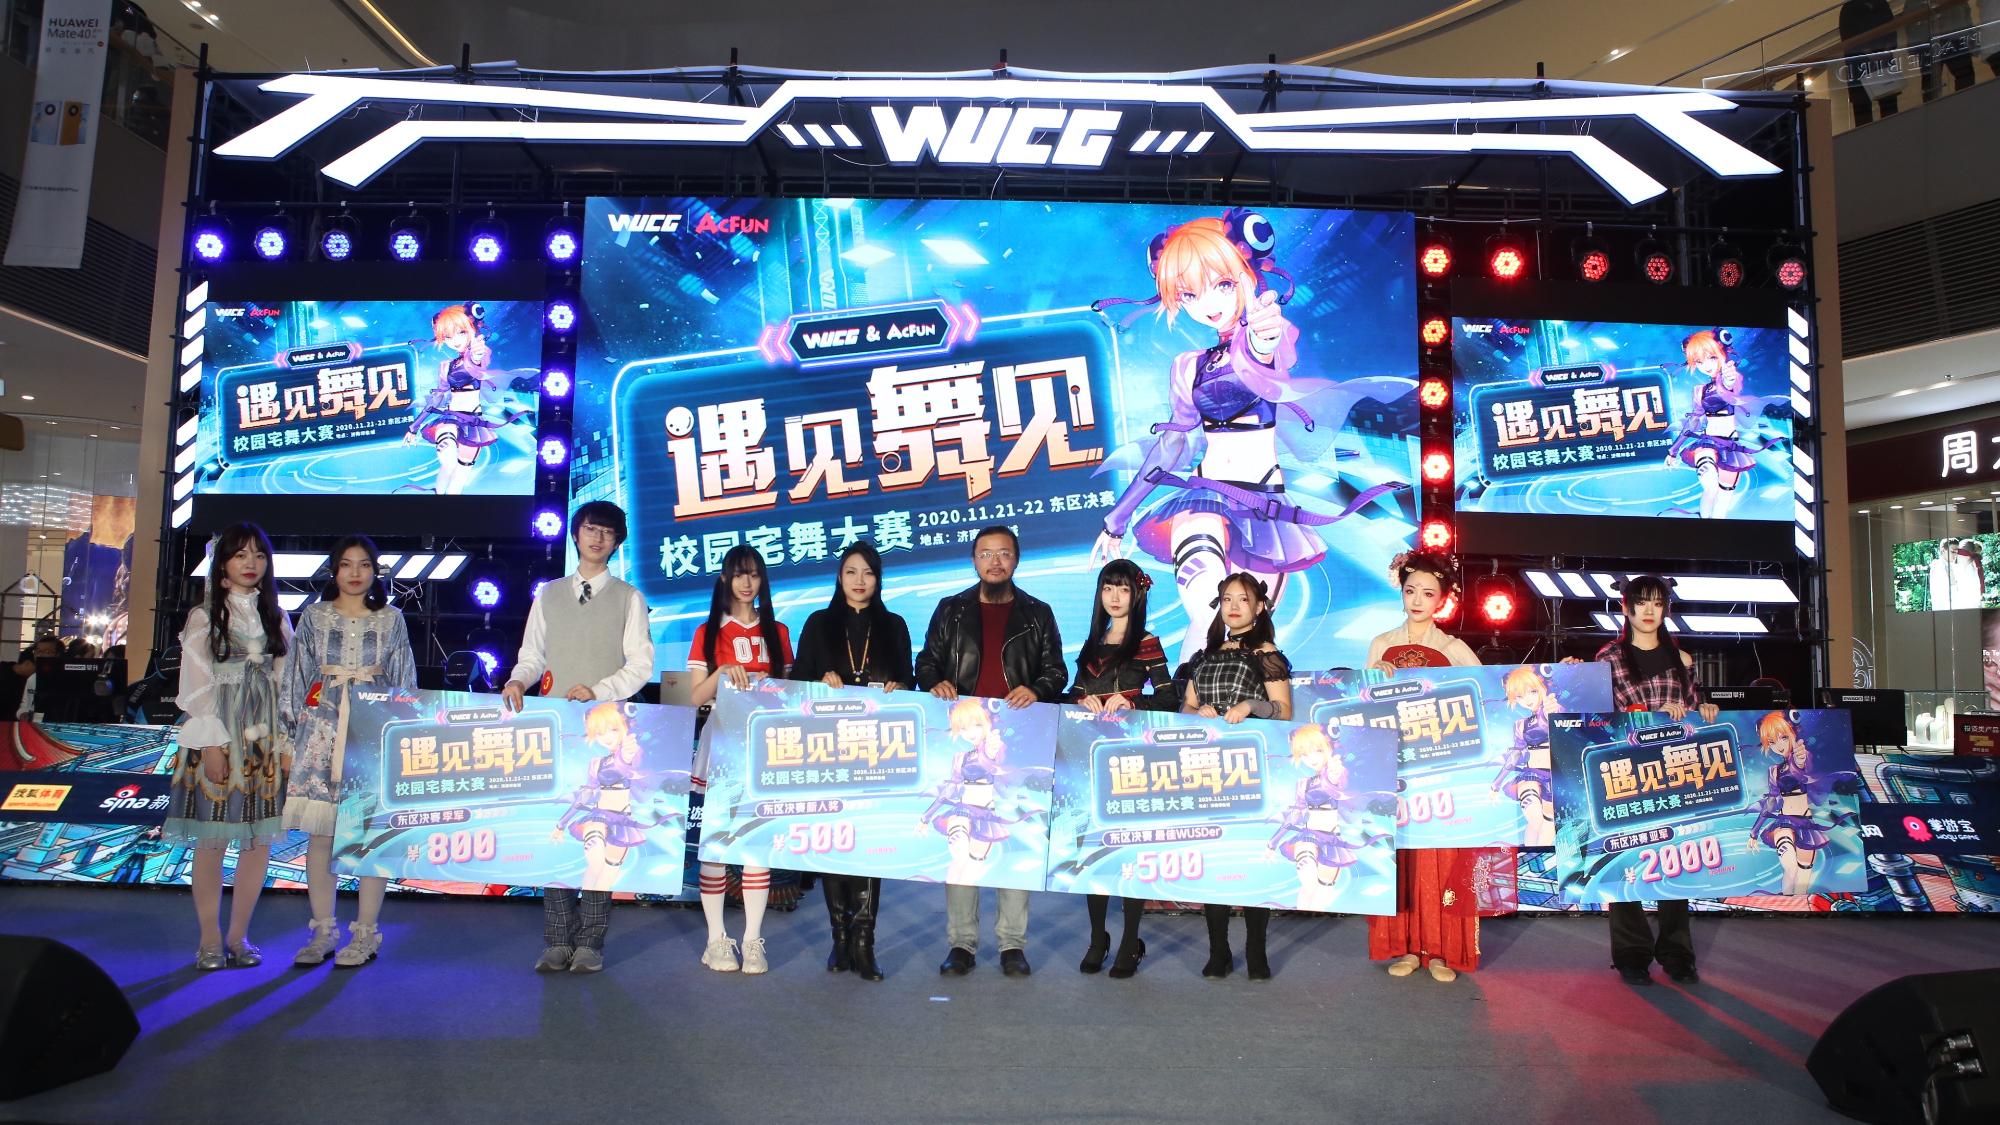 【WUCG2020】《遇见舞见》 宅舞邀请大赛 东区决赛 2020-11-21